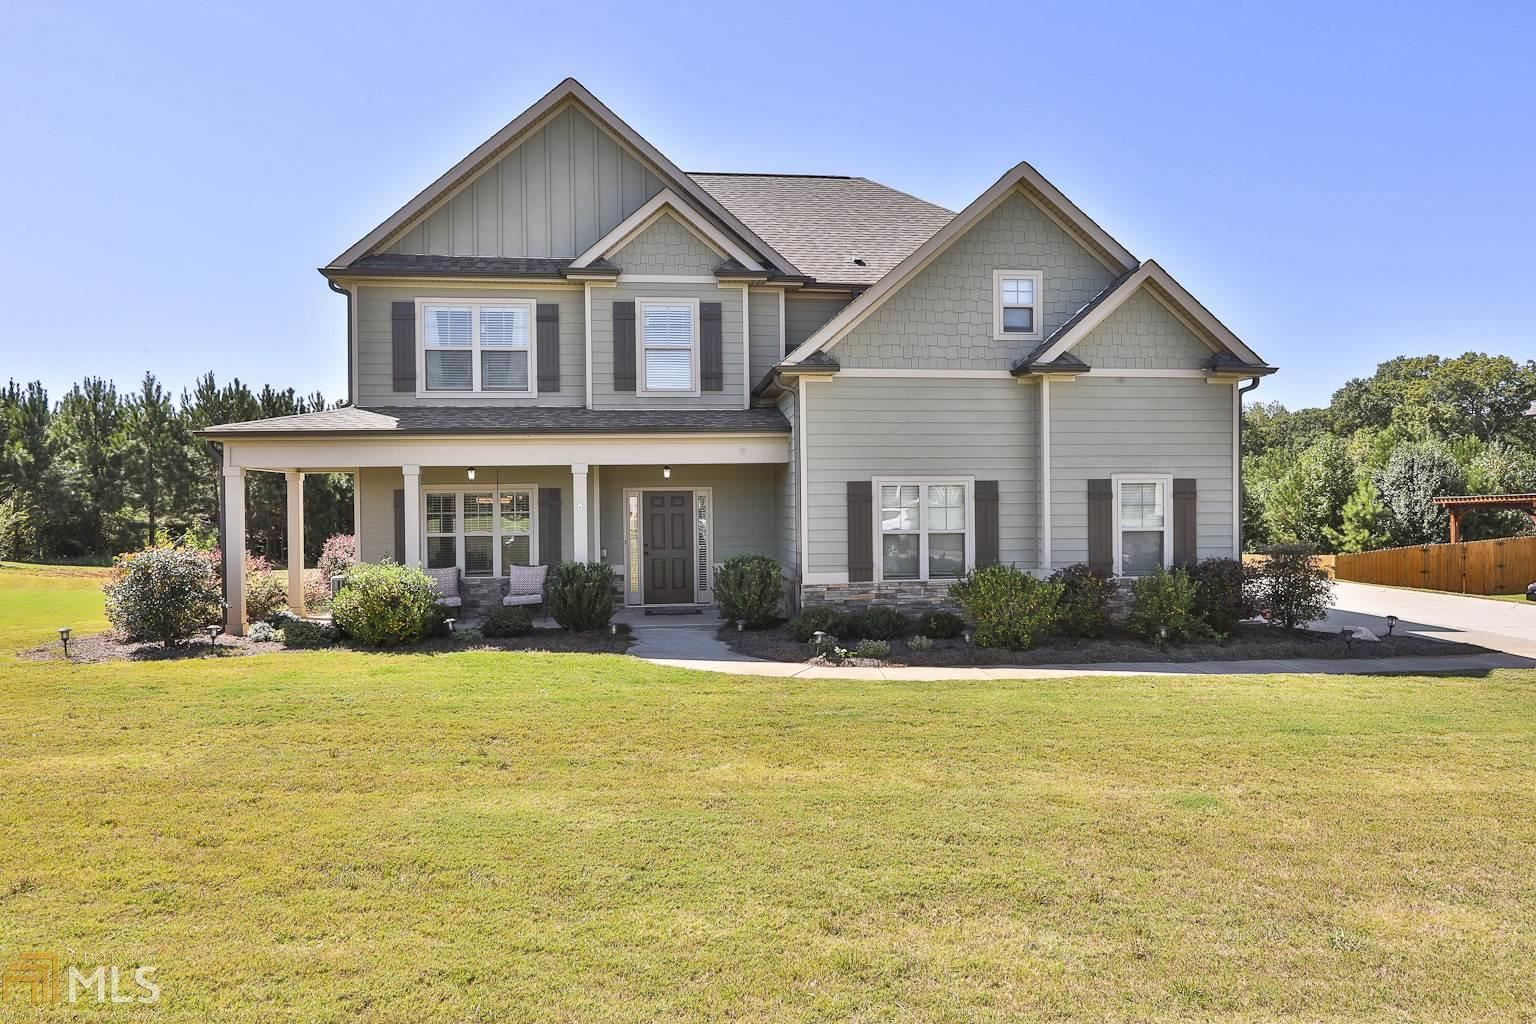 400 Eas Way, Fayetteville, GA 30215 - MLS#: 8867620